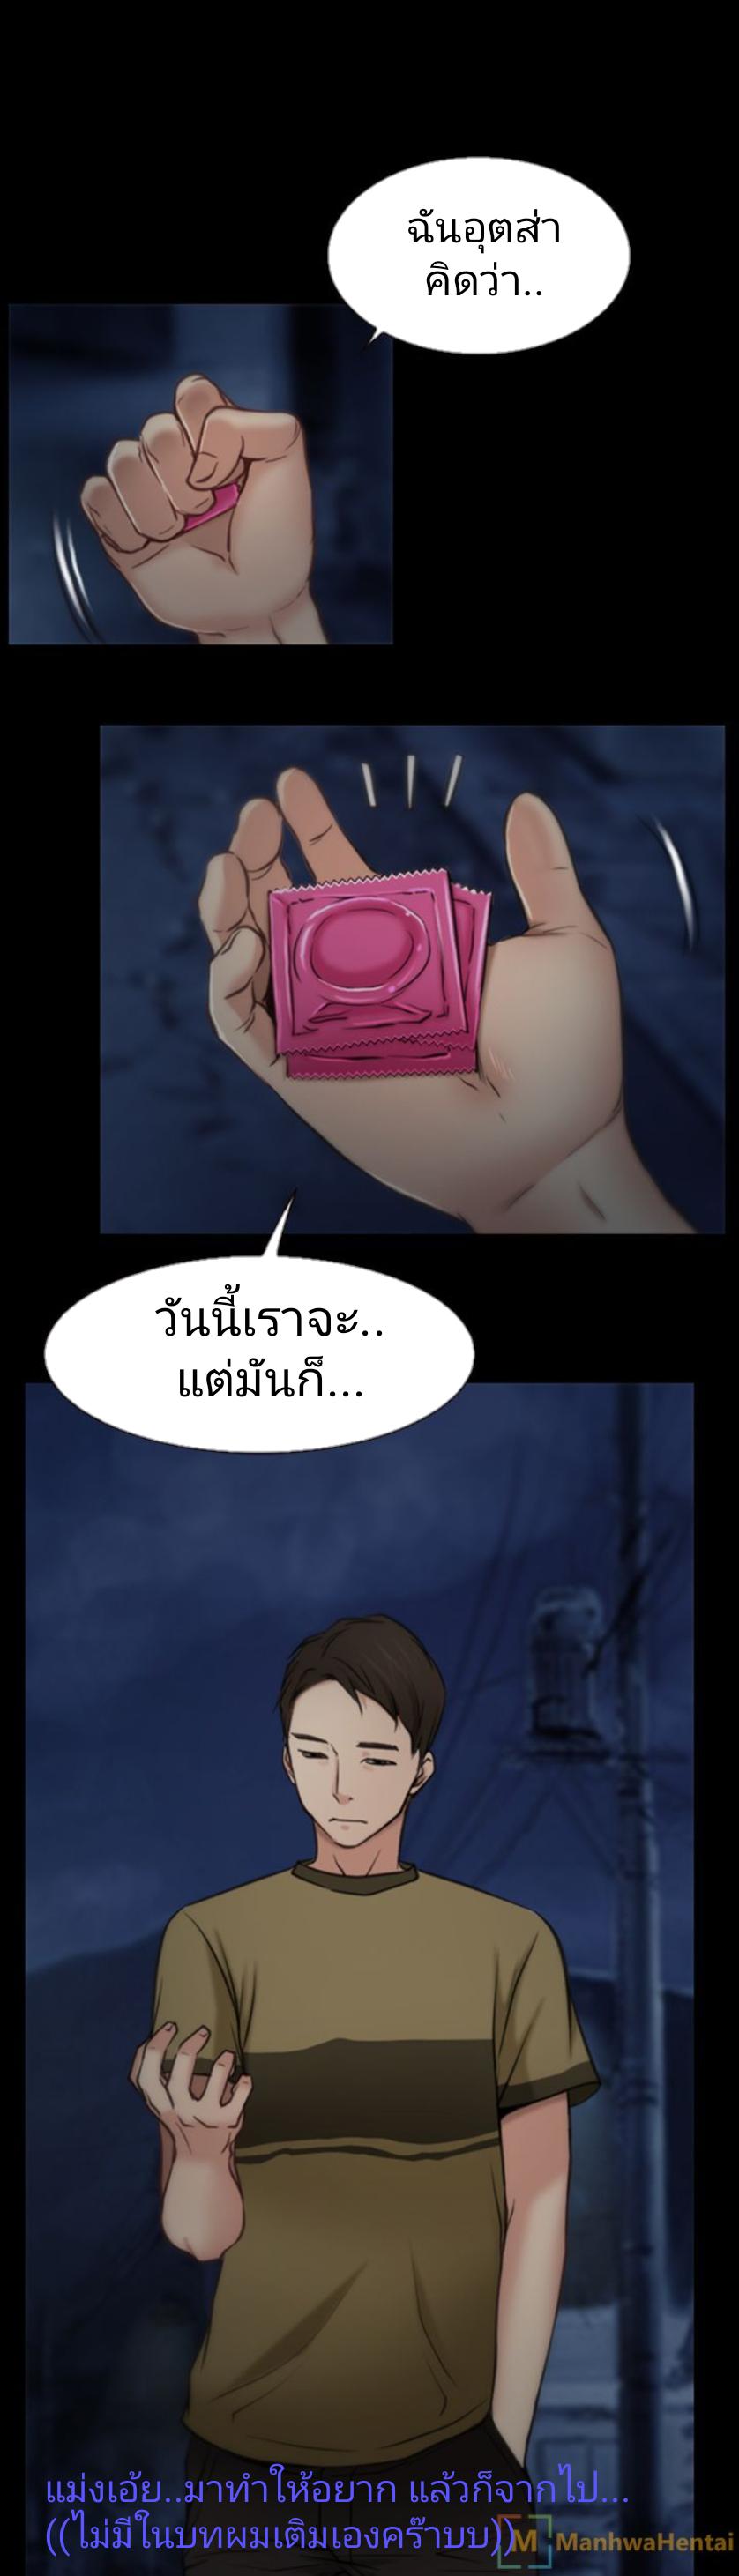 ความรู้สึกที่ซ่อนไว้ 5 ภาพ 23